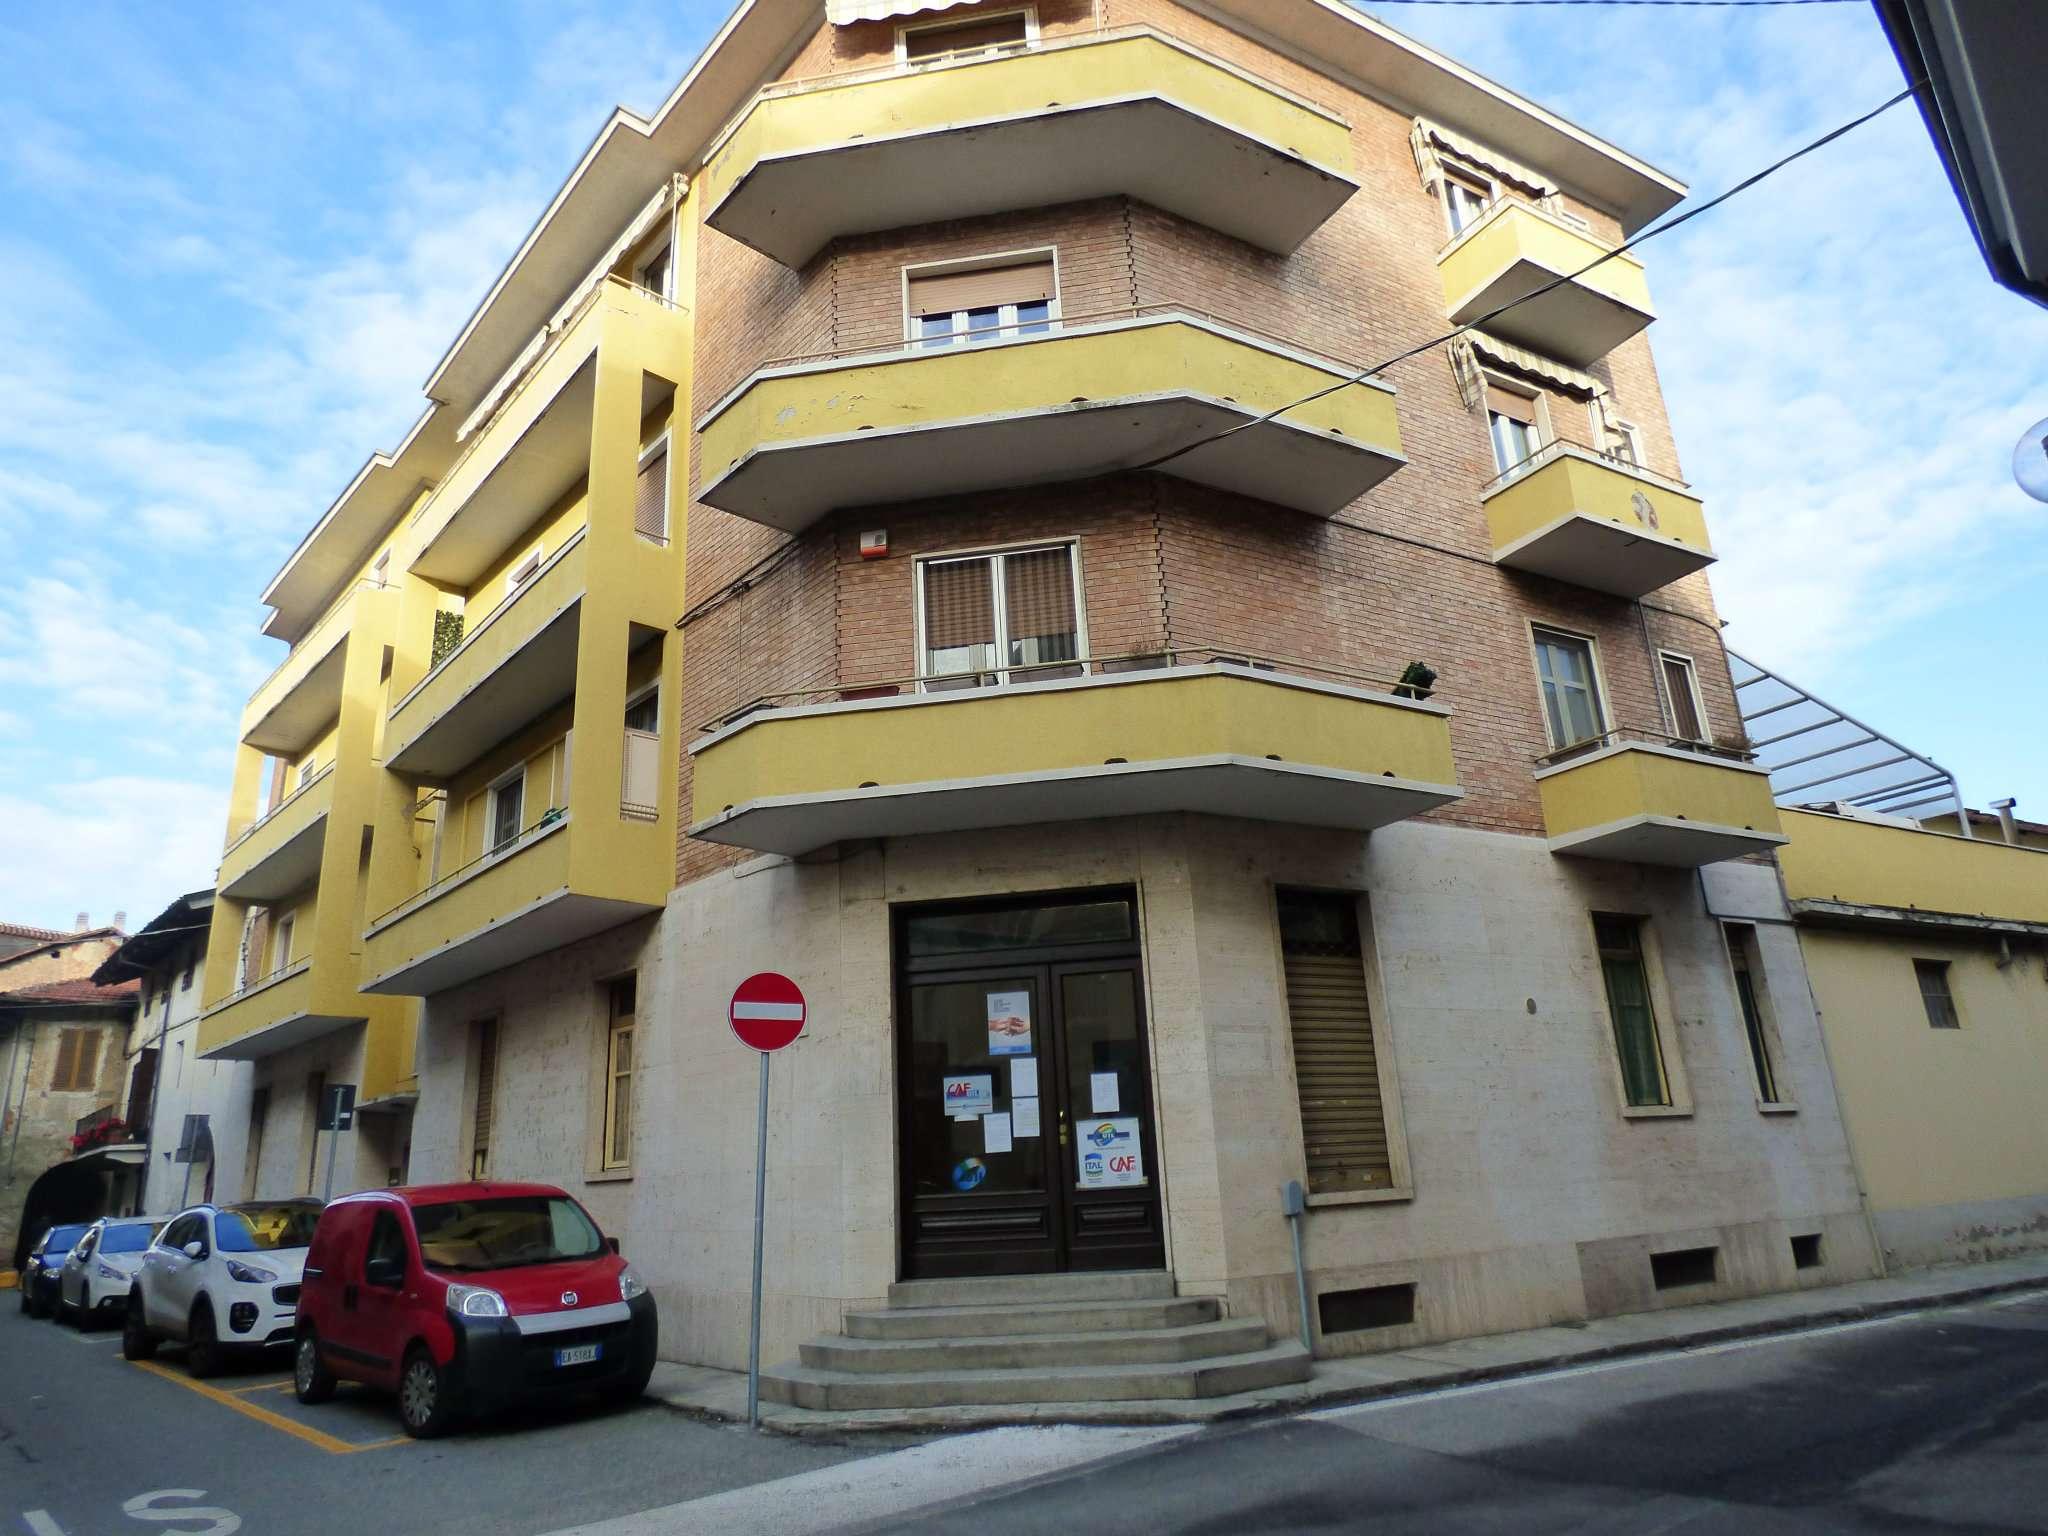 Appartamento in vendita a Caselle Torinese, 3 locali, prezzo € 68.000 | CambioCasa.it